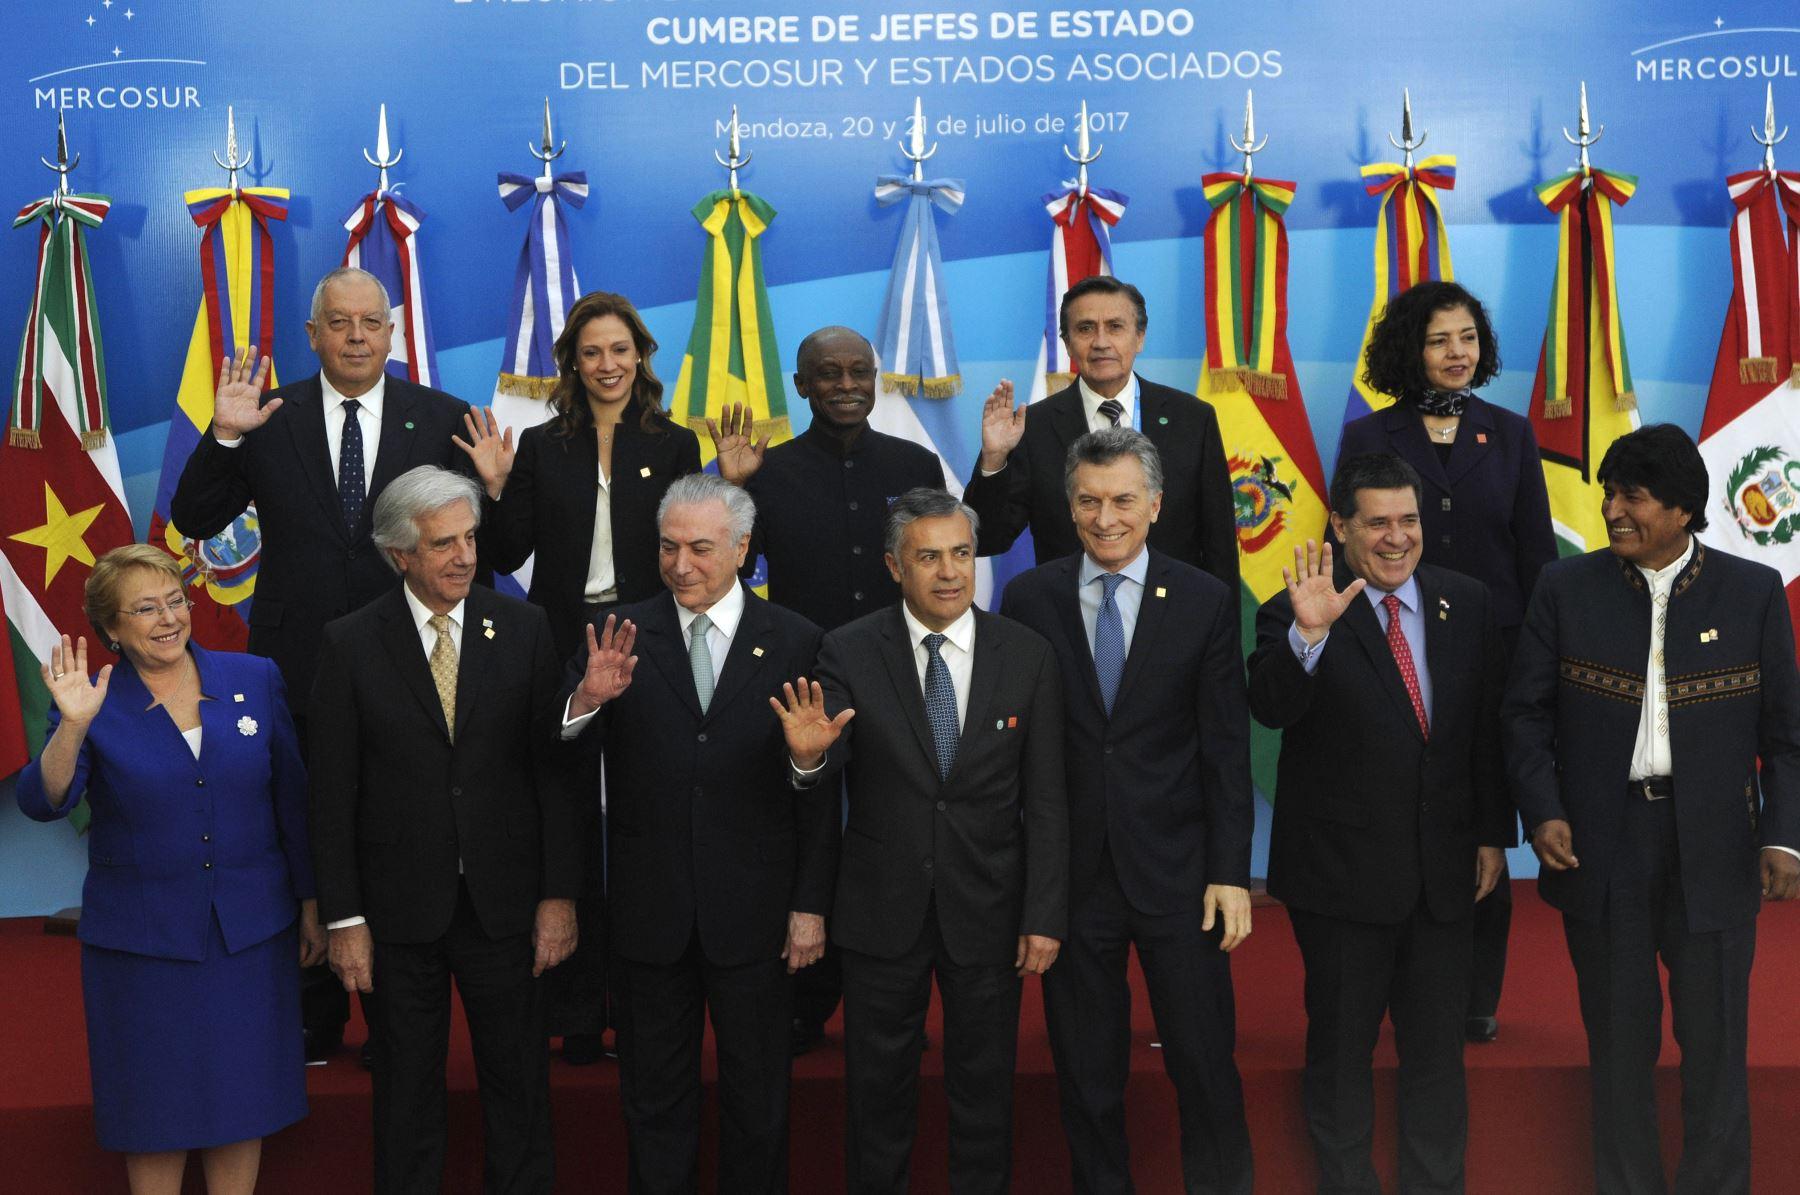 Foto oficial de la Cumbre del Mercosur en Mendoza, Buenos Aires Foto:AFP